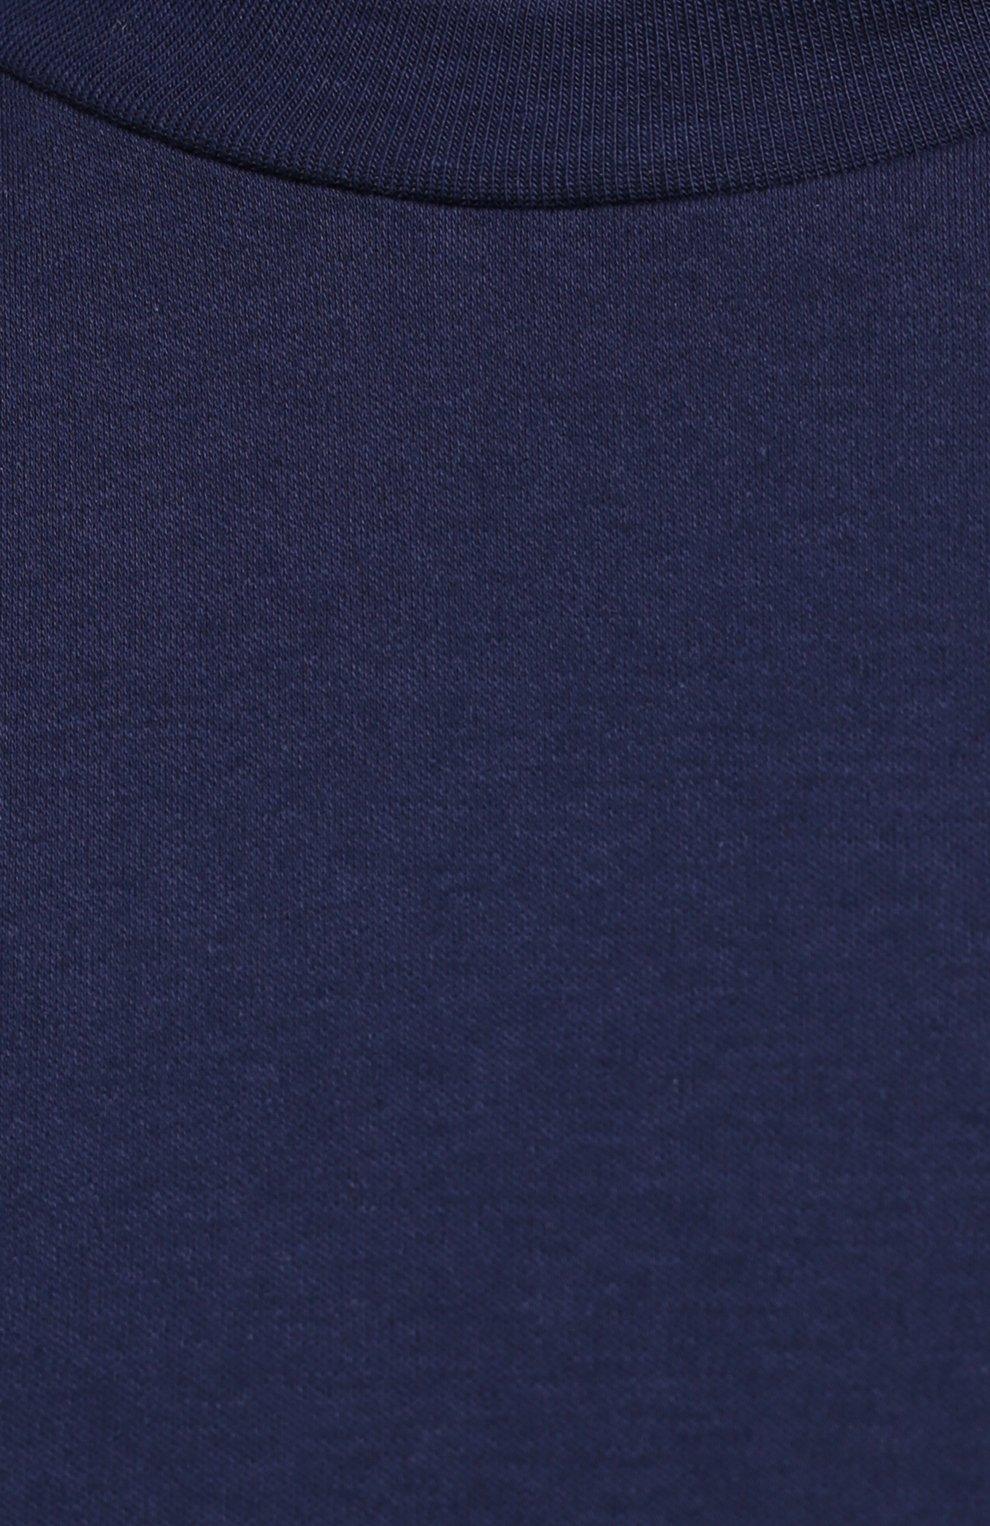 Мужская хлопковая футболка ZIMMERLI темно-синего цвета, арт. 286-1447   Фото 5 (Кросс-КТ: домашняя одежда; Рукава: Короткие; Длина (для топов): Стандартные; Материал внешний: Хлопок; Мужское Кросс-КТ: Футболка-белье)